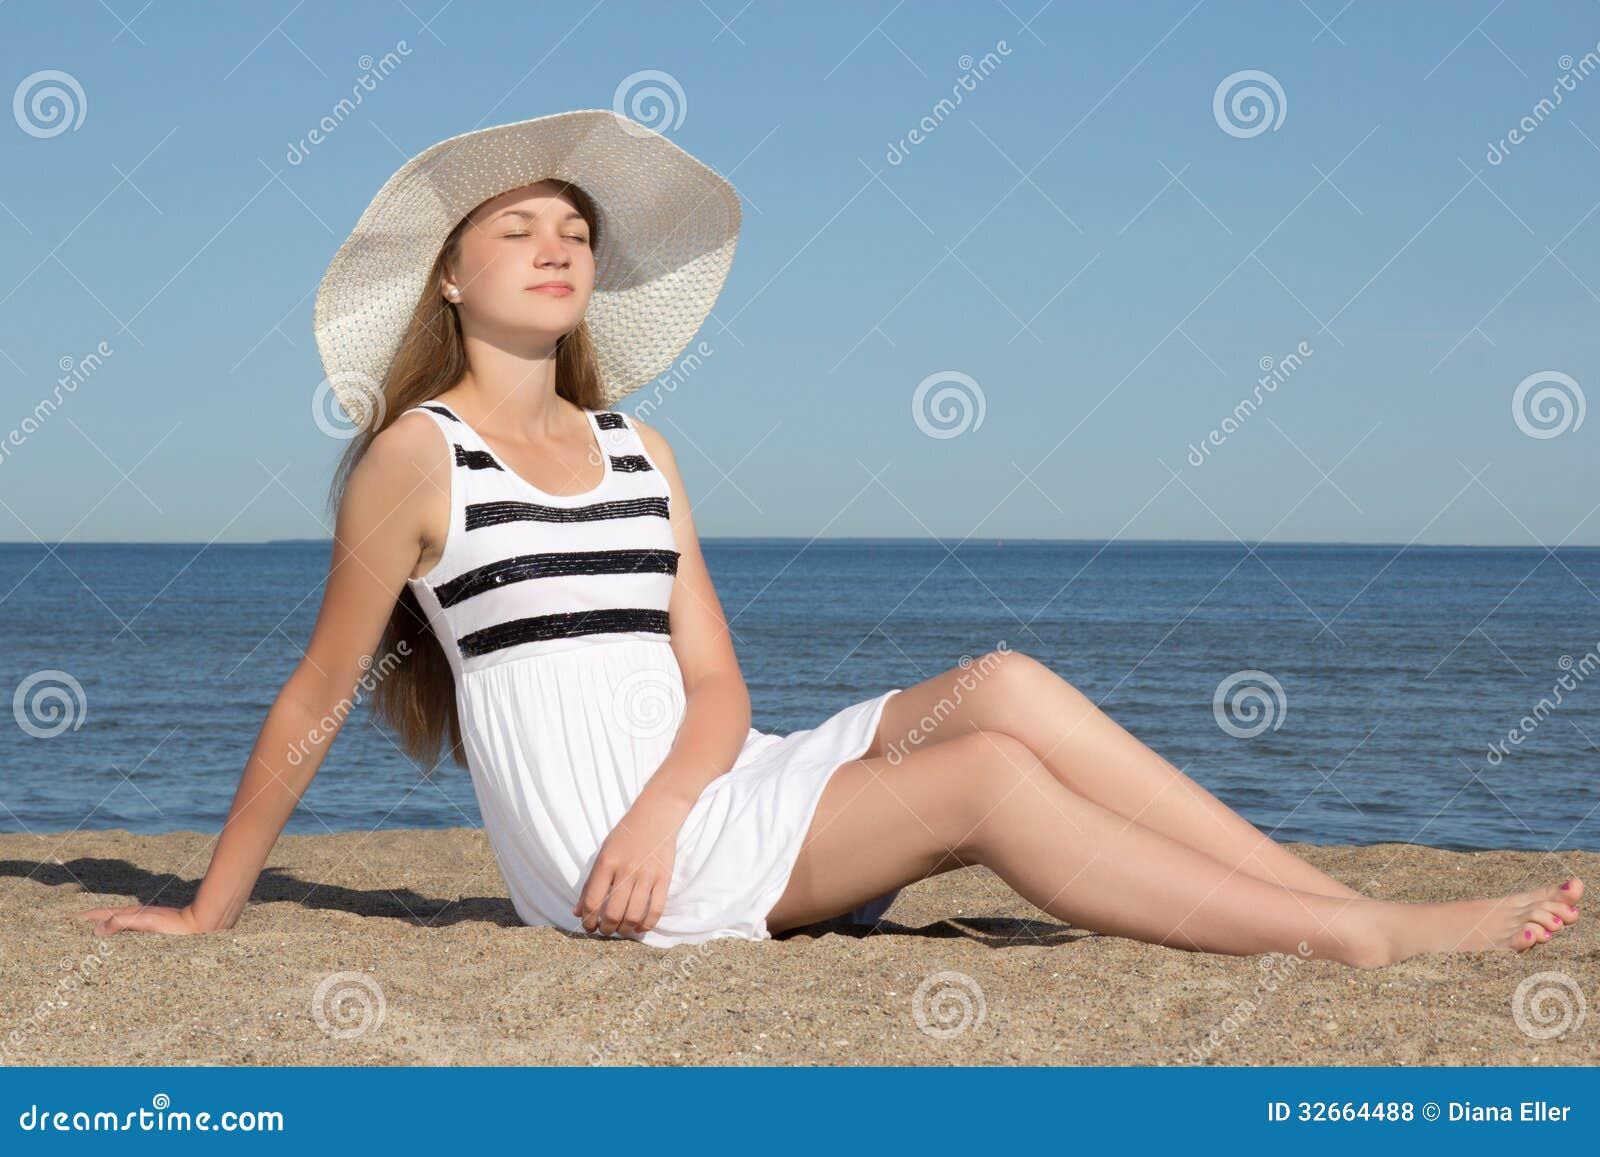 Vimpex raw twinkx placer de verano